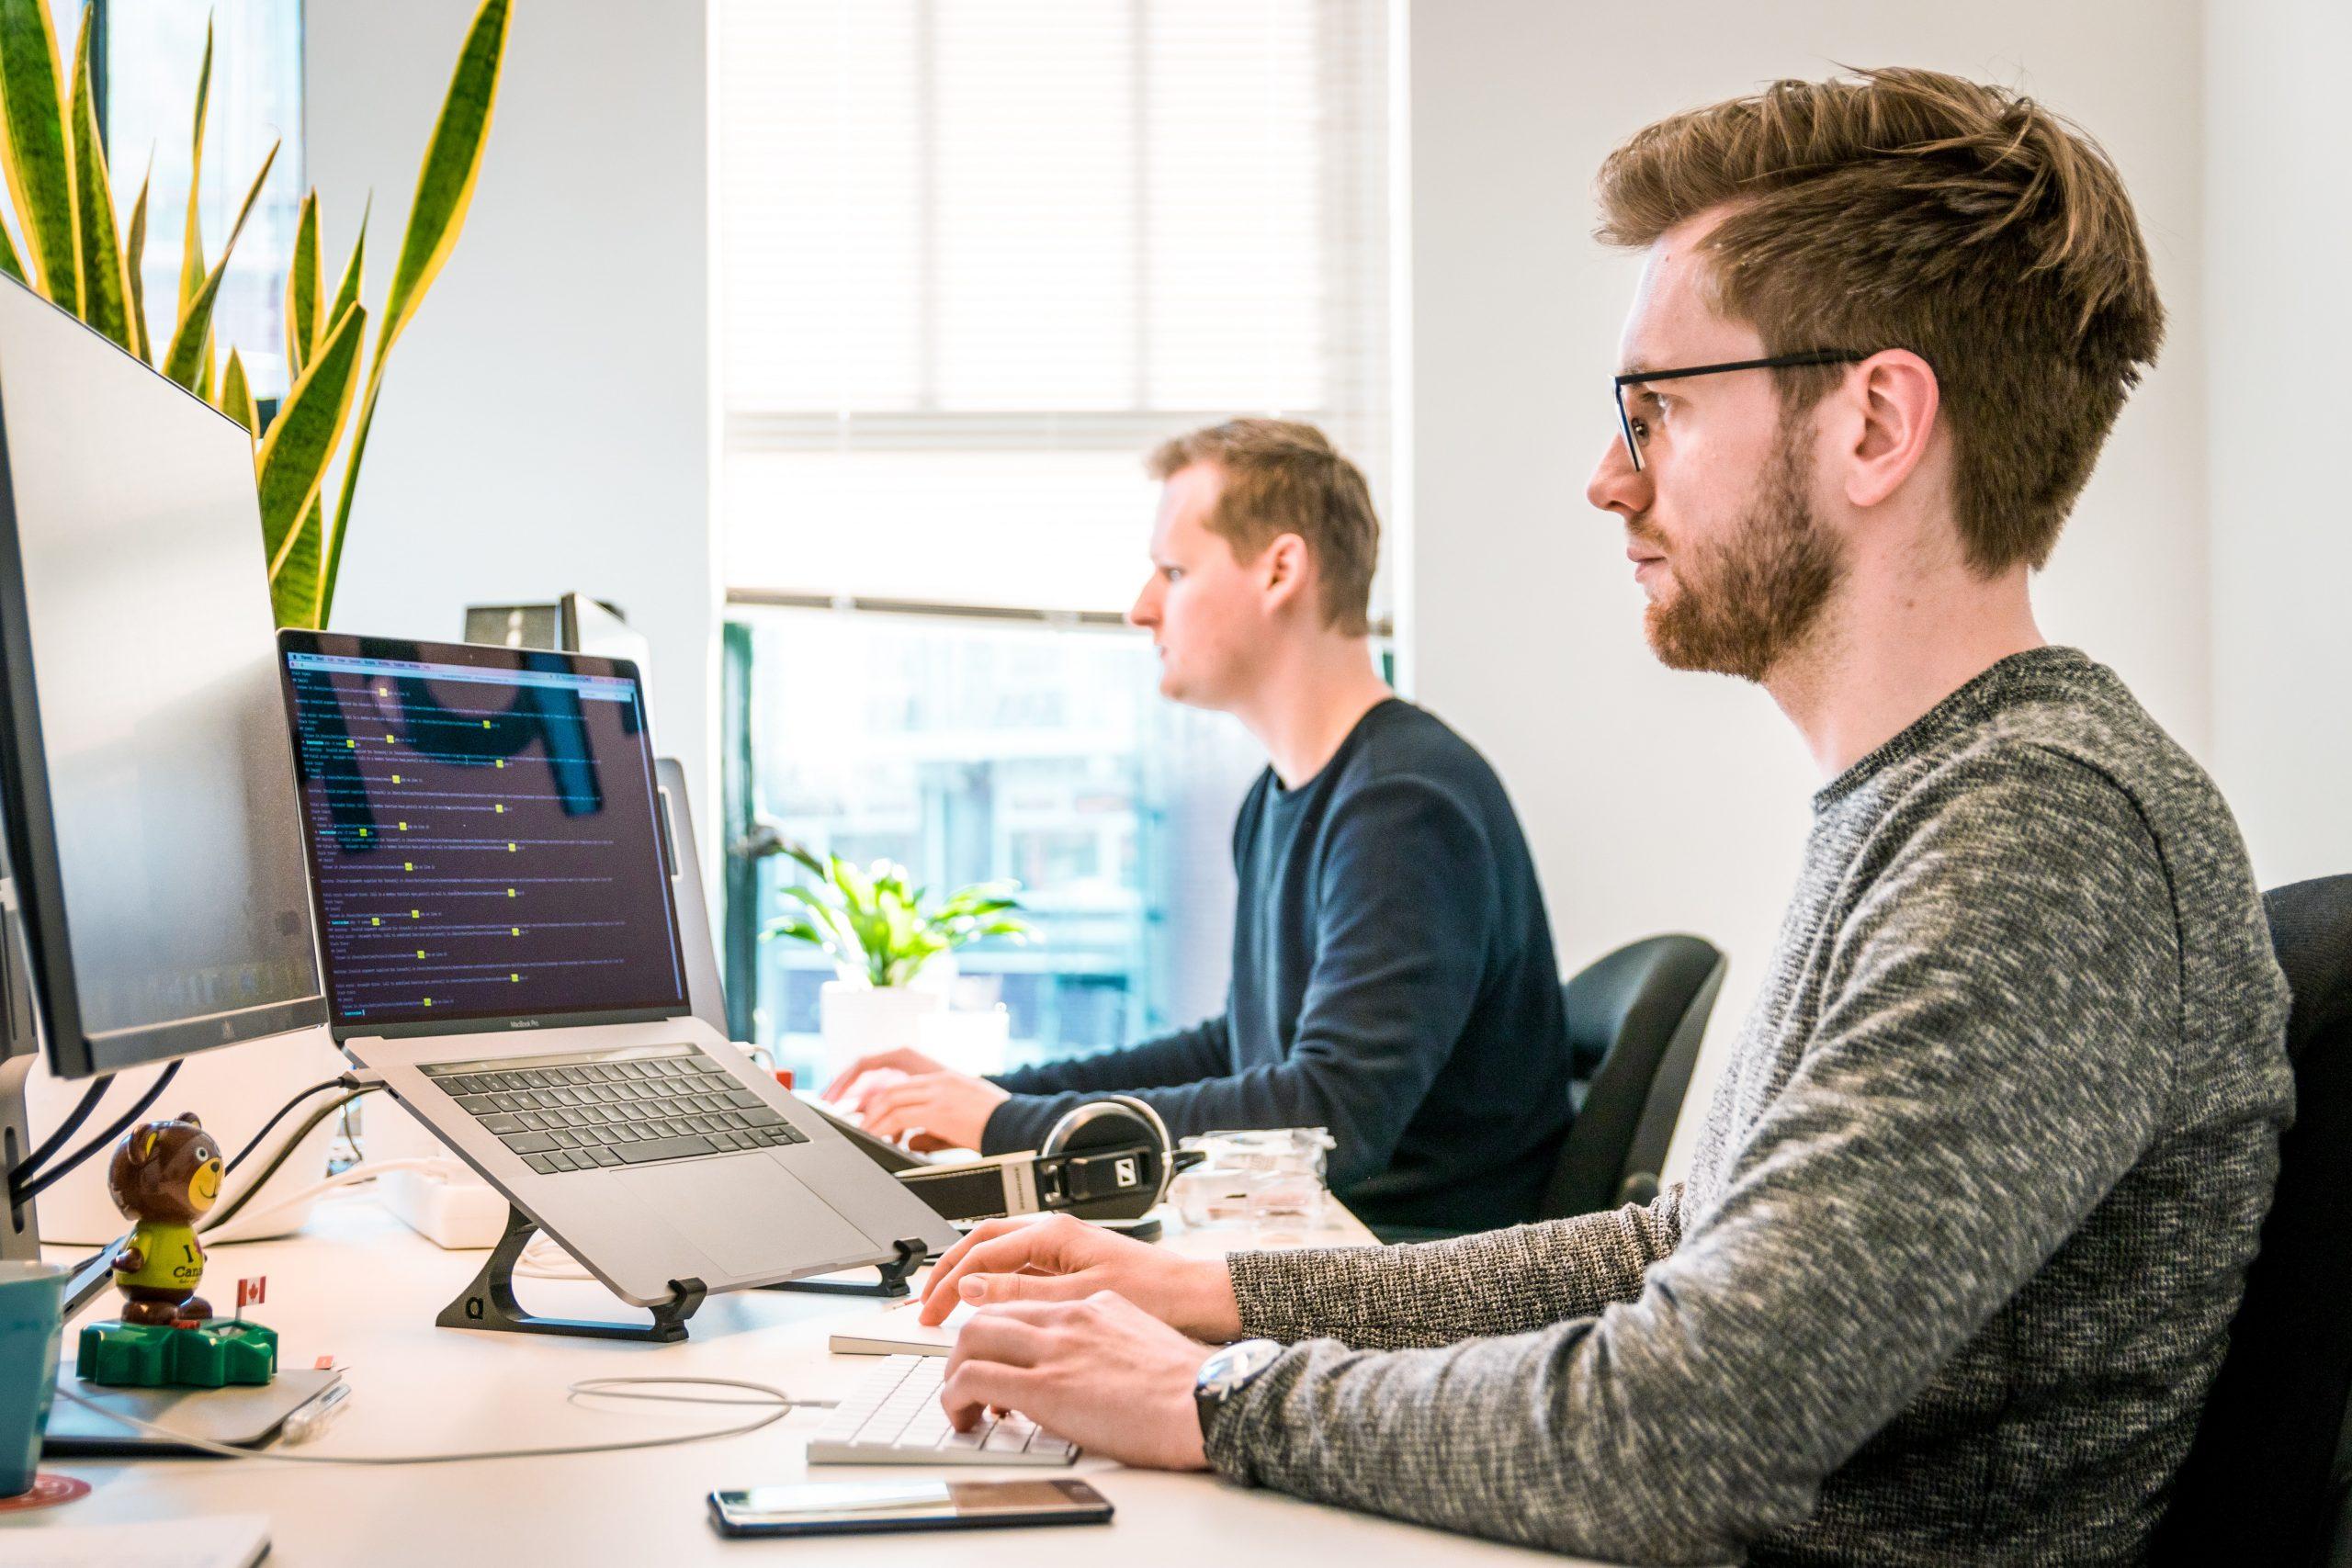 Biuro na wynajem – co powinno się w nim znaleźć?